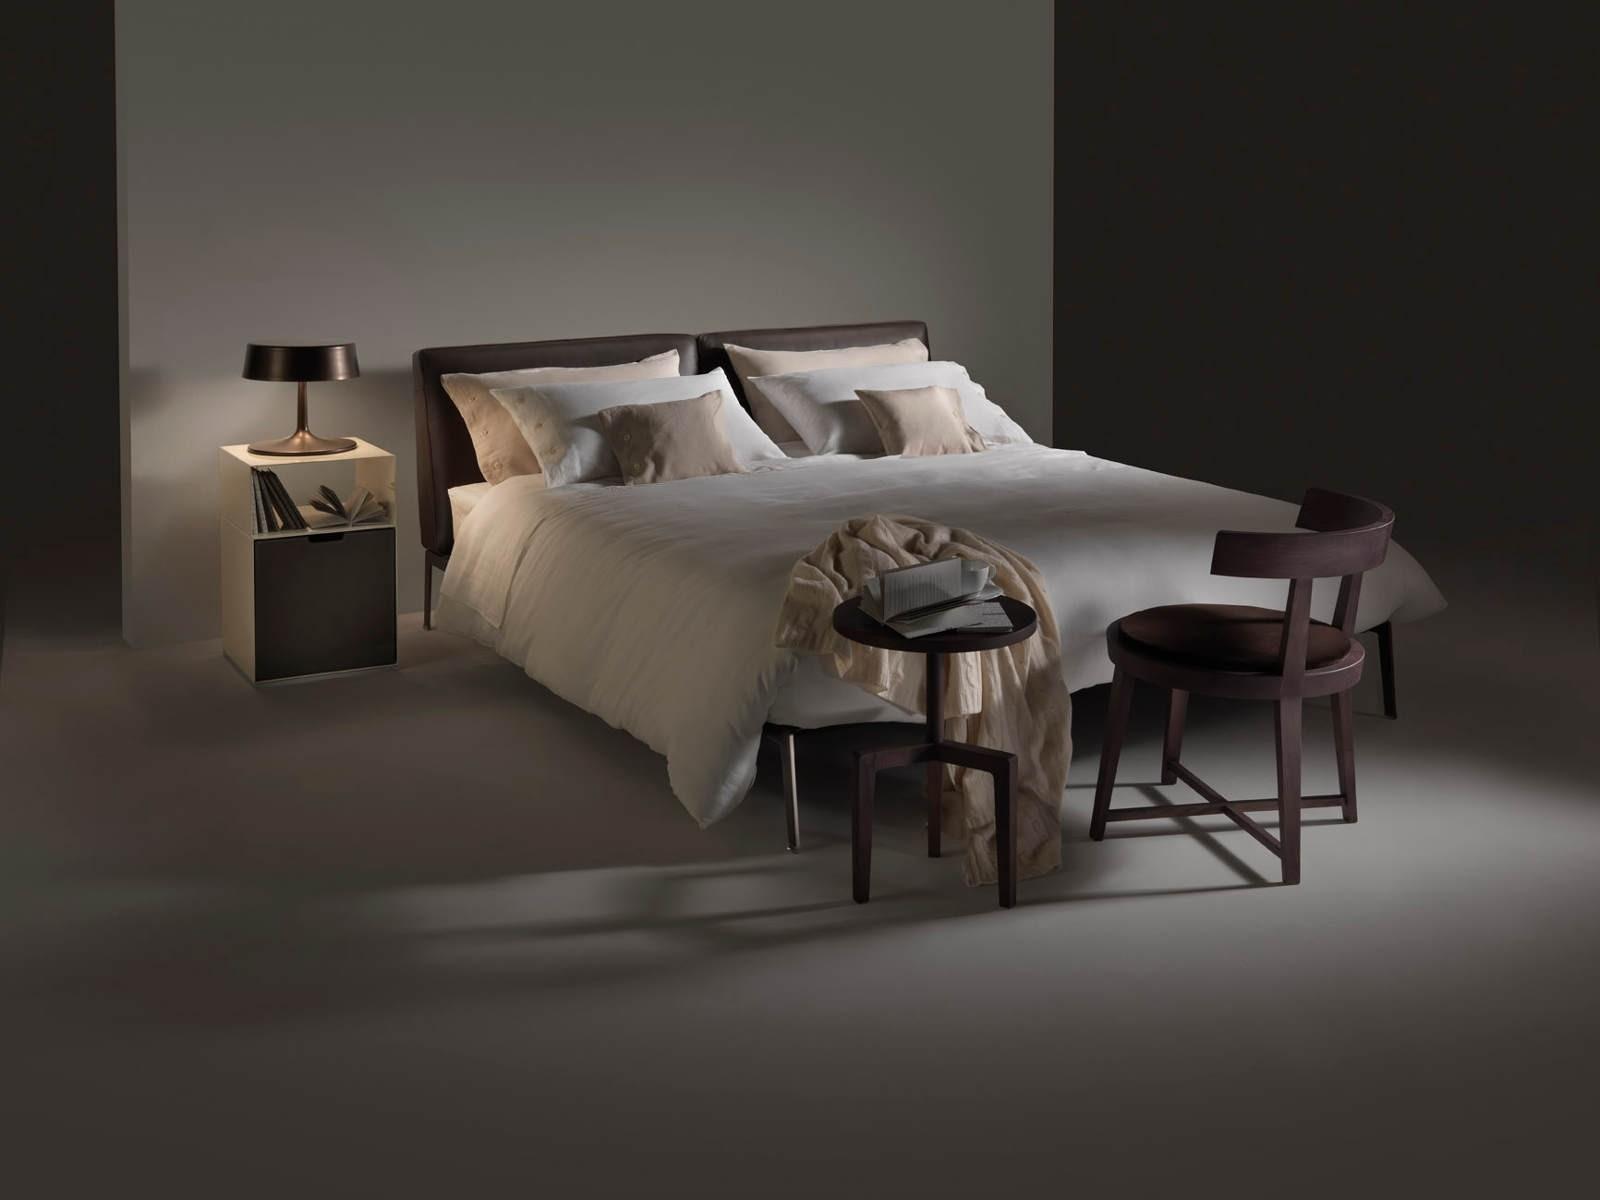 flexform lifesteel bed. Black Bedroom Furniture Sets. Home Design Ideas